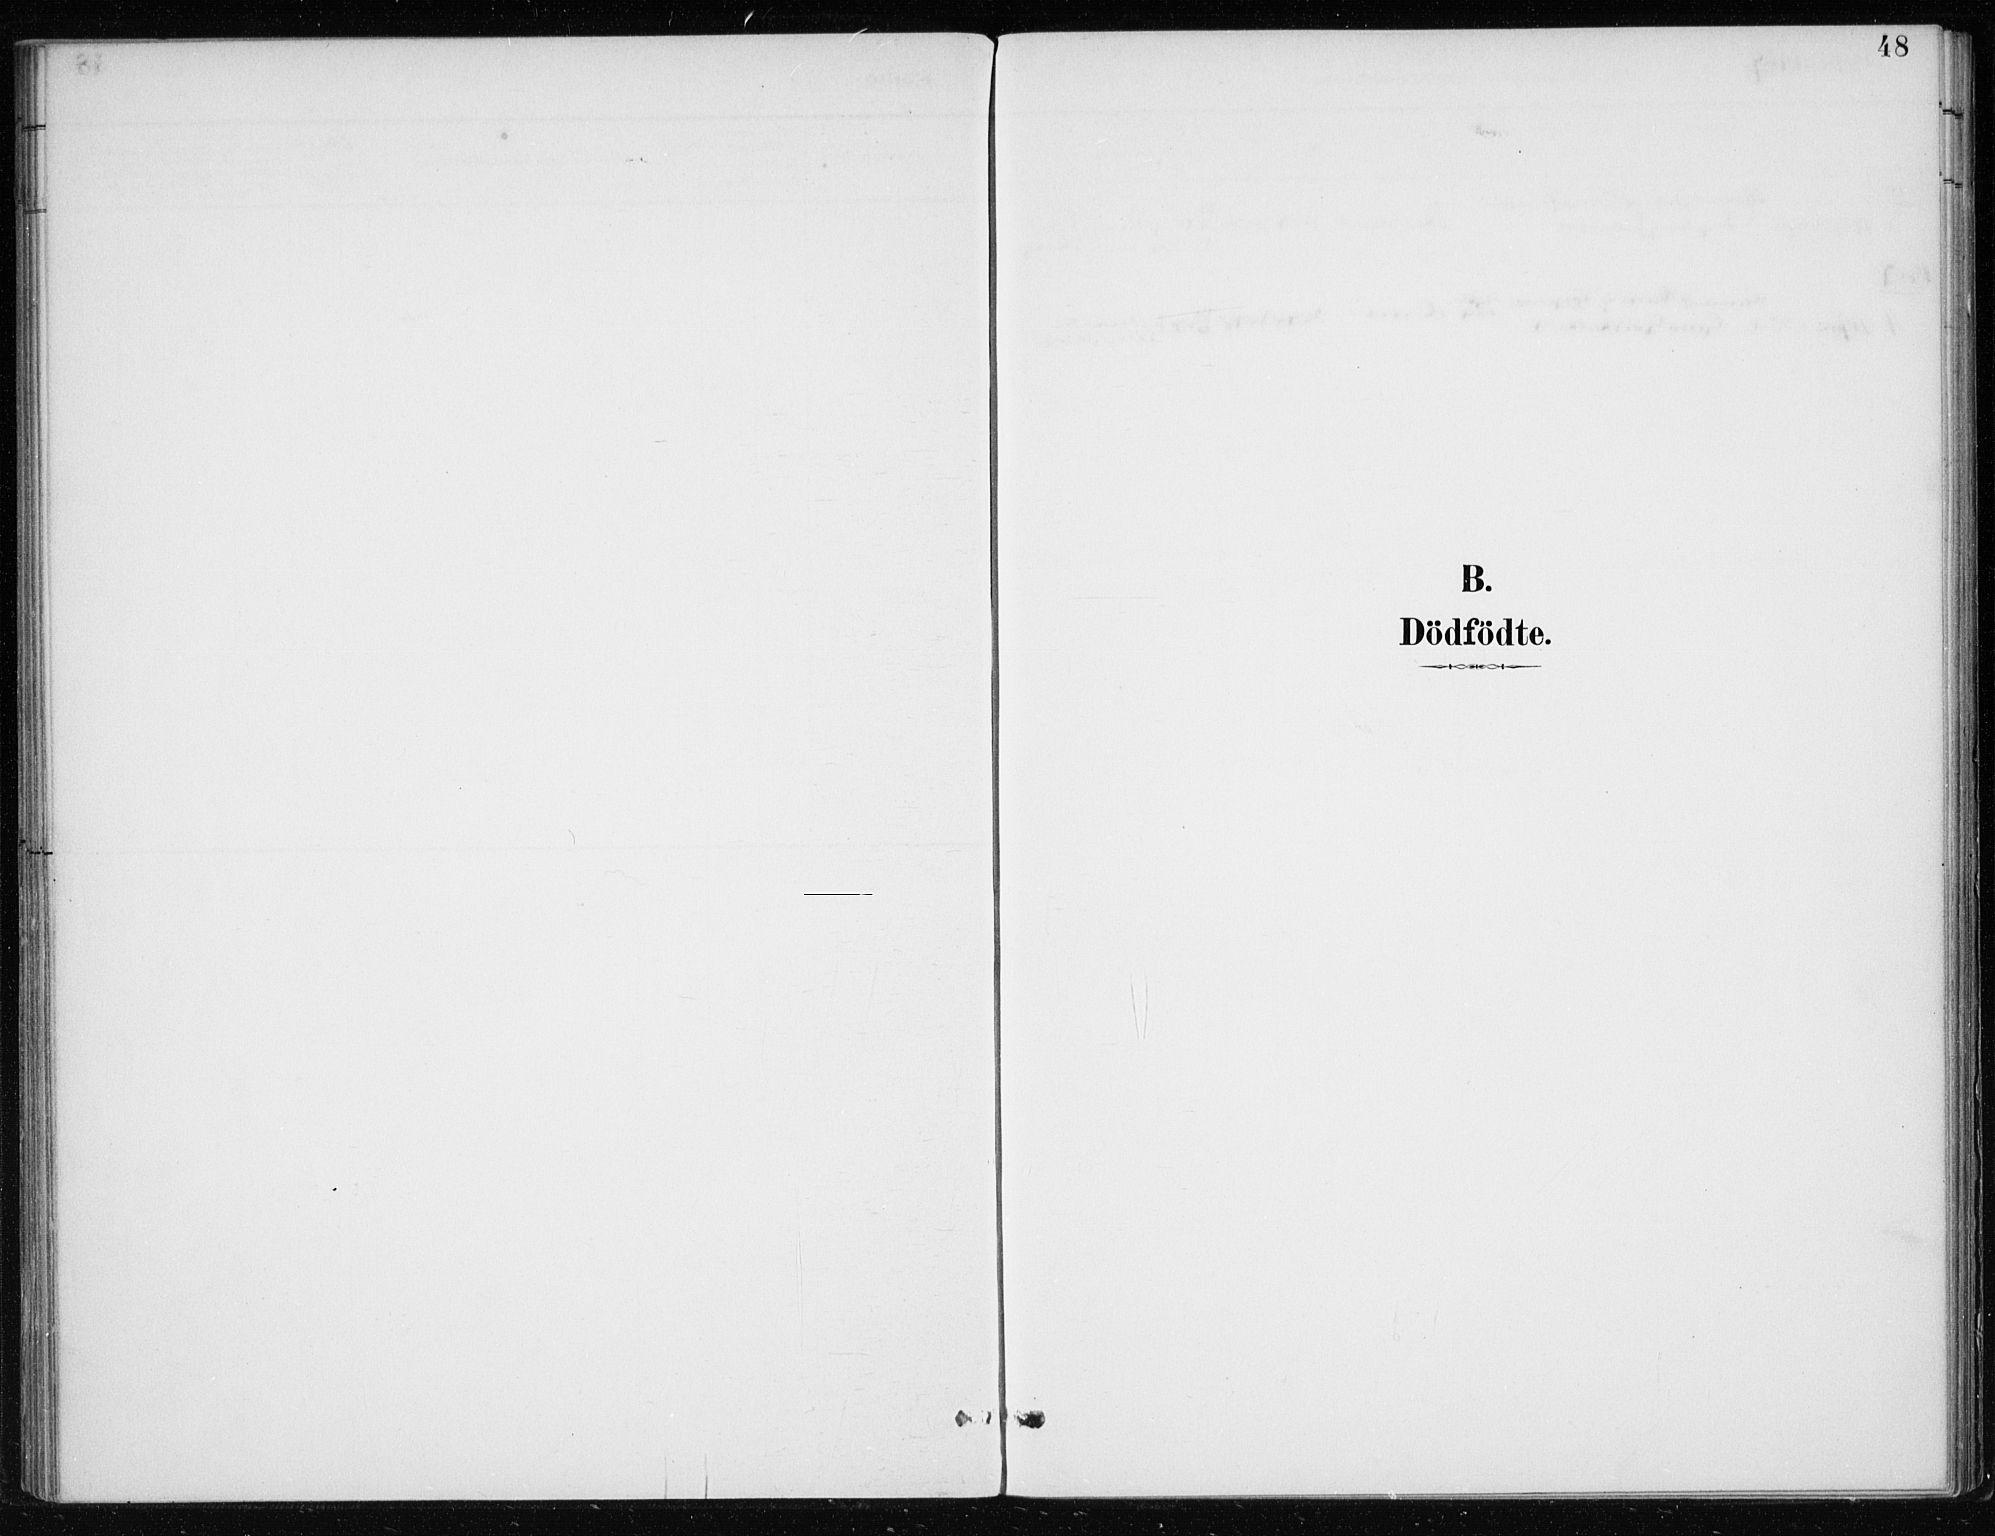 SAB, Kvinnherad Sokneprestembete, H/Haa: Ministerialbok nr. F 1, 1887-1912, s. 48